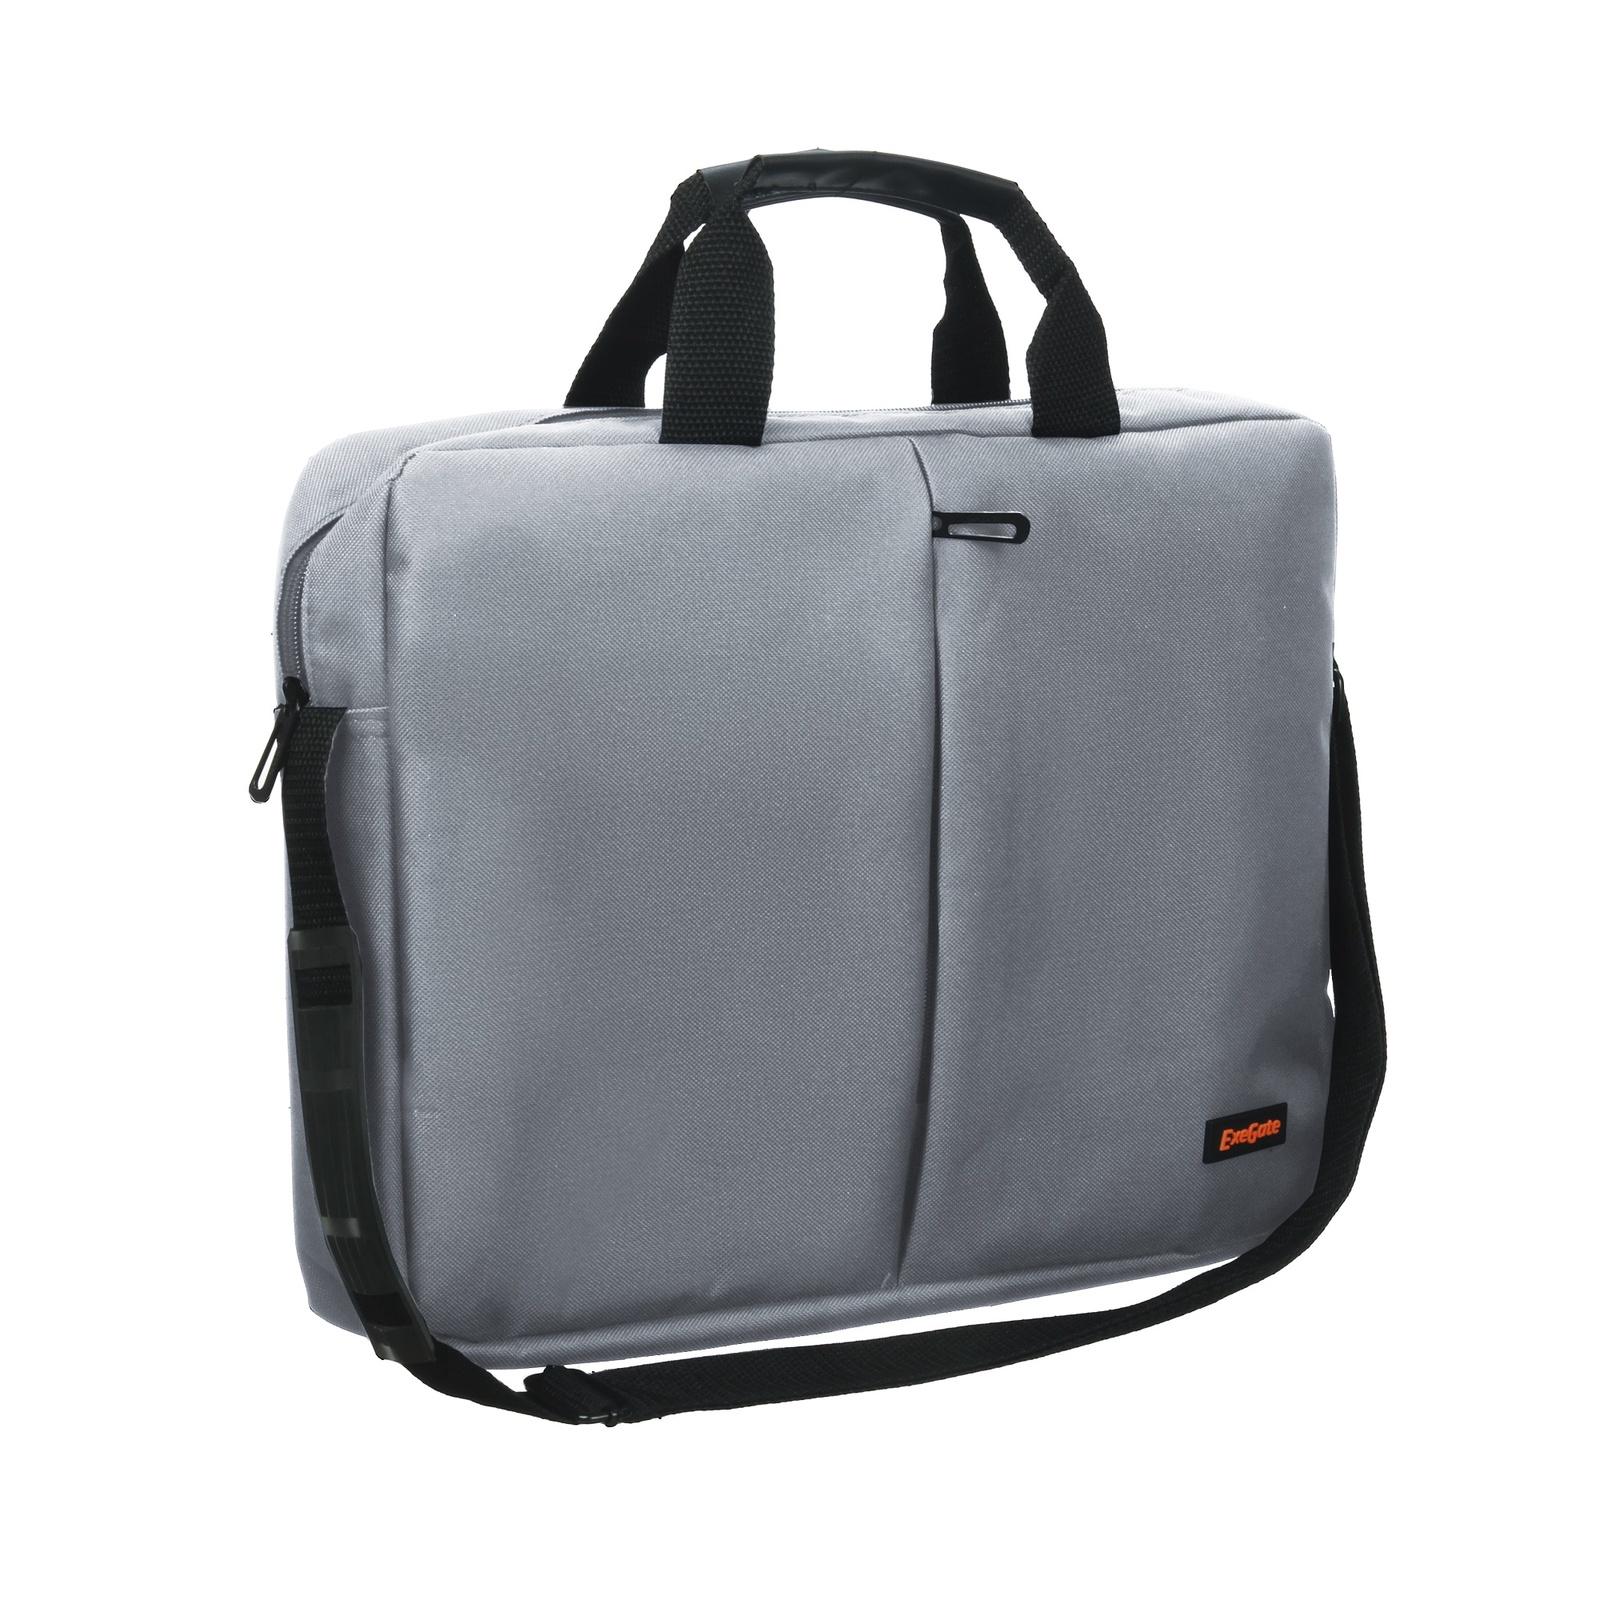 Сумка Exegate Office F1590 Grey, серая, полиэстер, для ноутбуков до 15.6 аксессуар сумка 15 6 exegate office f1595 black